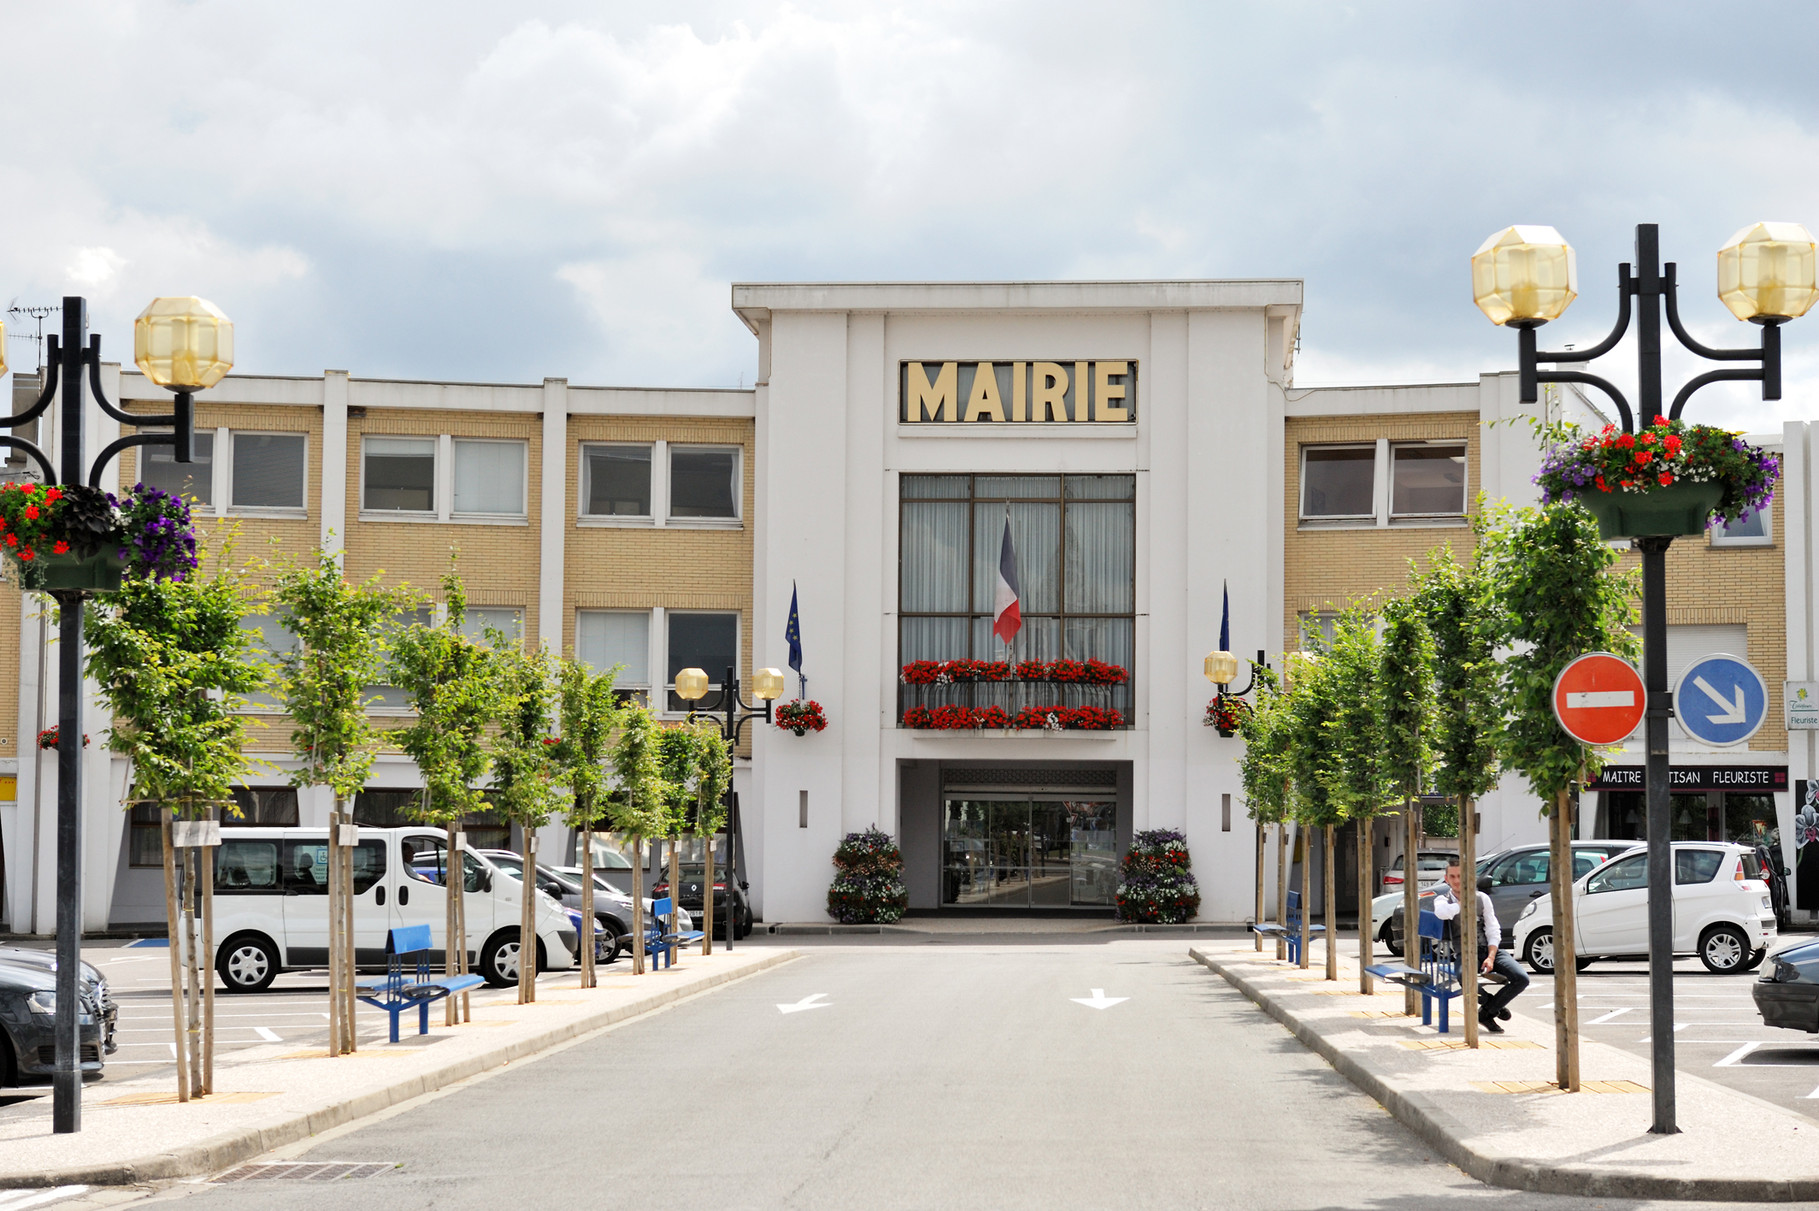 Saint-Martin-Laert, Mairie par Richard Soberka